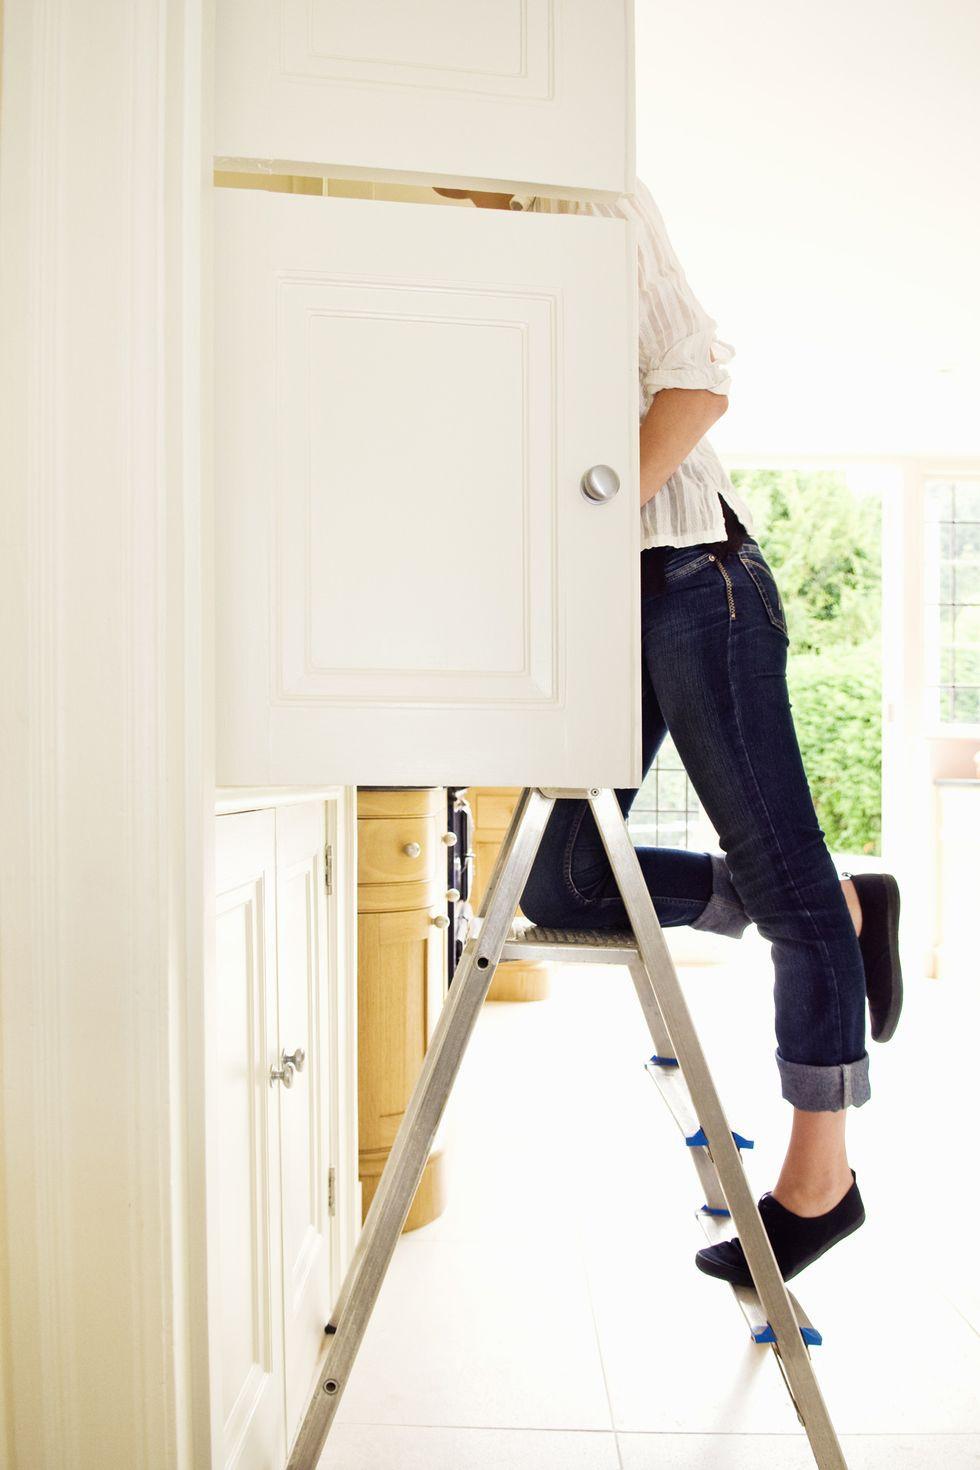 افكار لترتيب المنزل بدون تكاليف - الاولولية